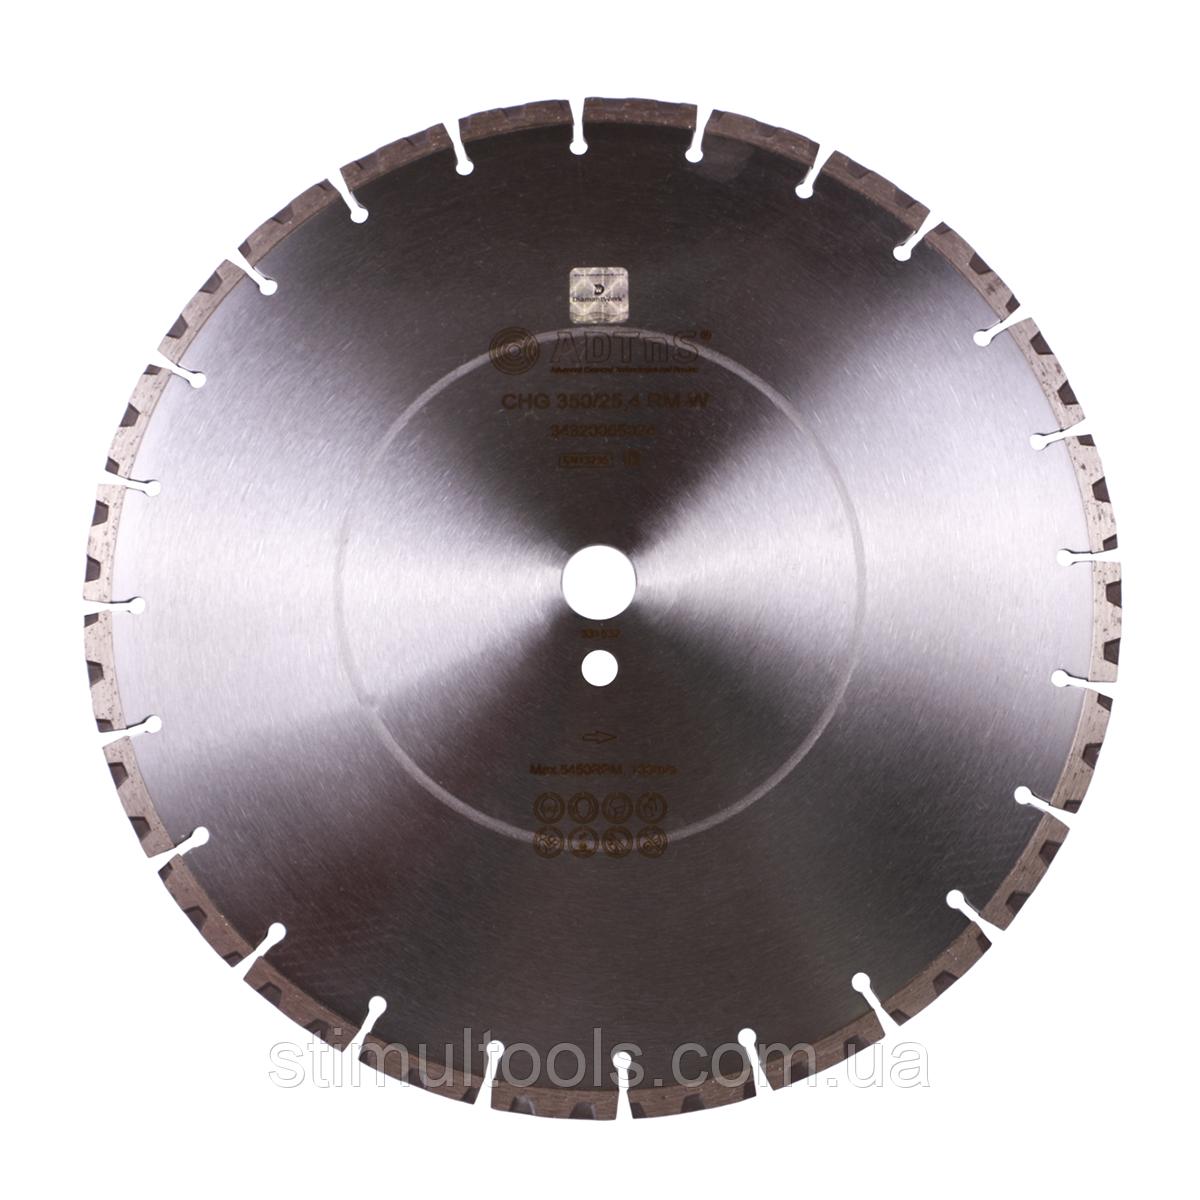 Алмазний диск по бетону 1A1RSS/C3 230x2,6/1,8x10x22,23-16 HIT CHH 230/22,23 RM-W Smart